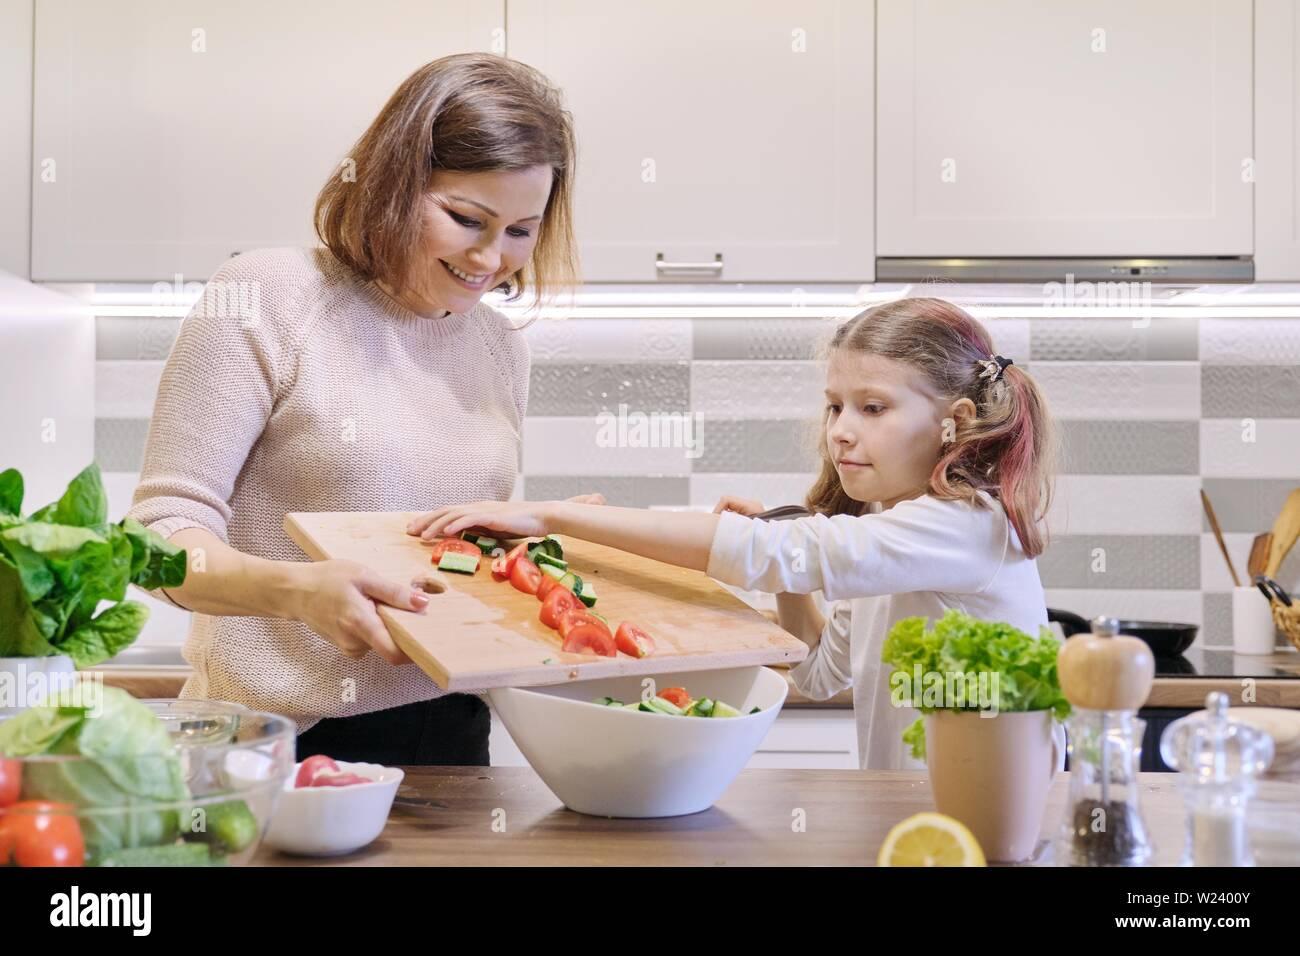 Woman Salad Kitchen Cooking Cook Indoor Food Fun Preparing